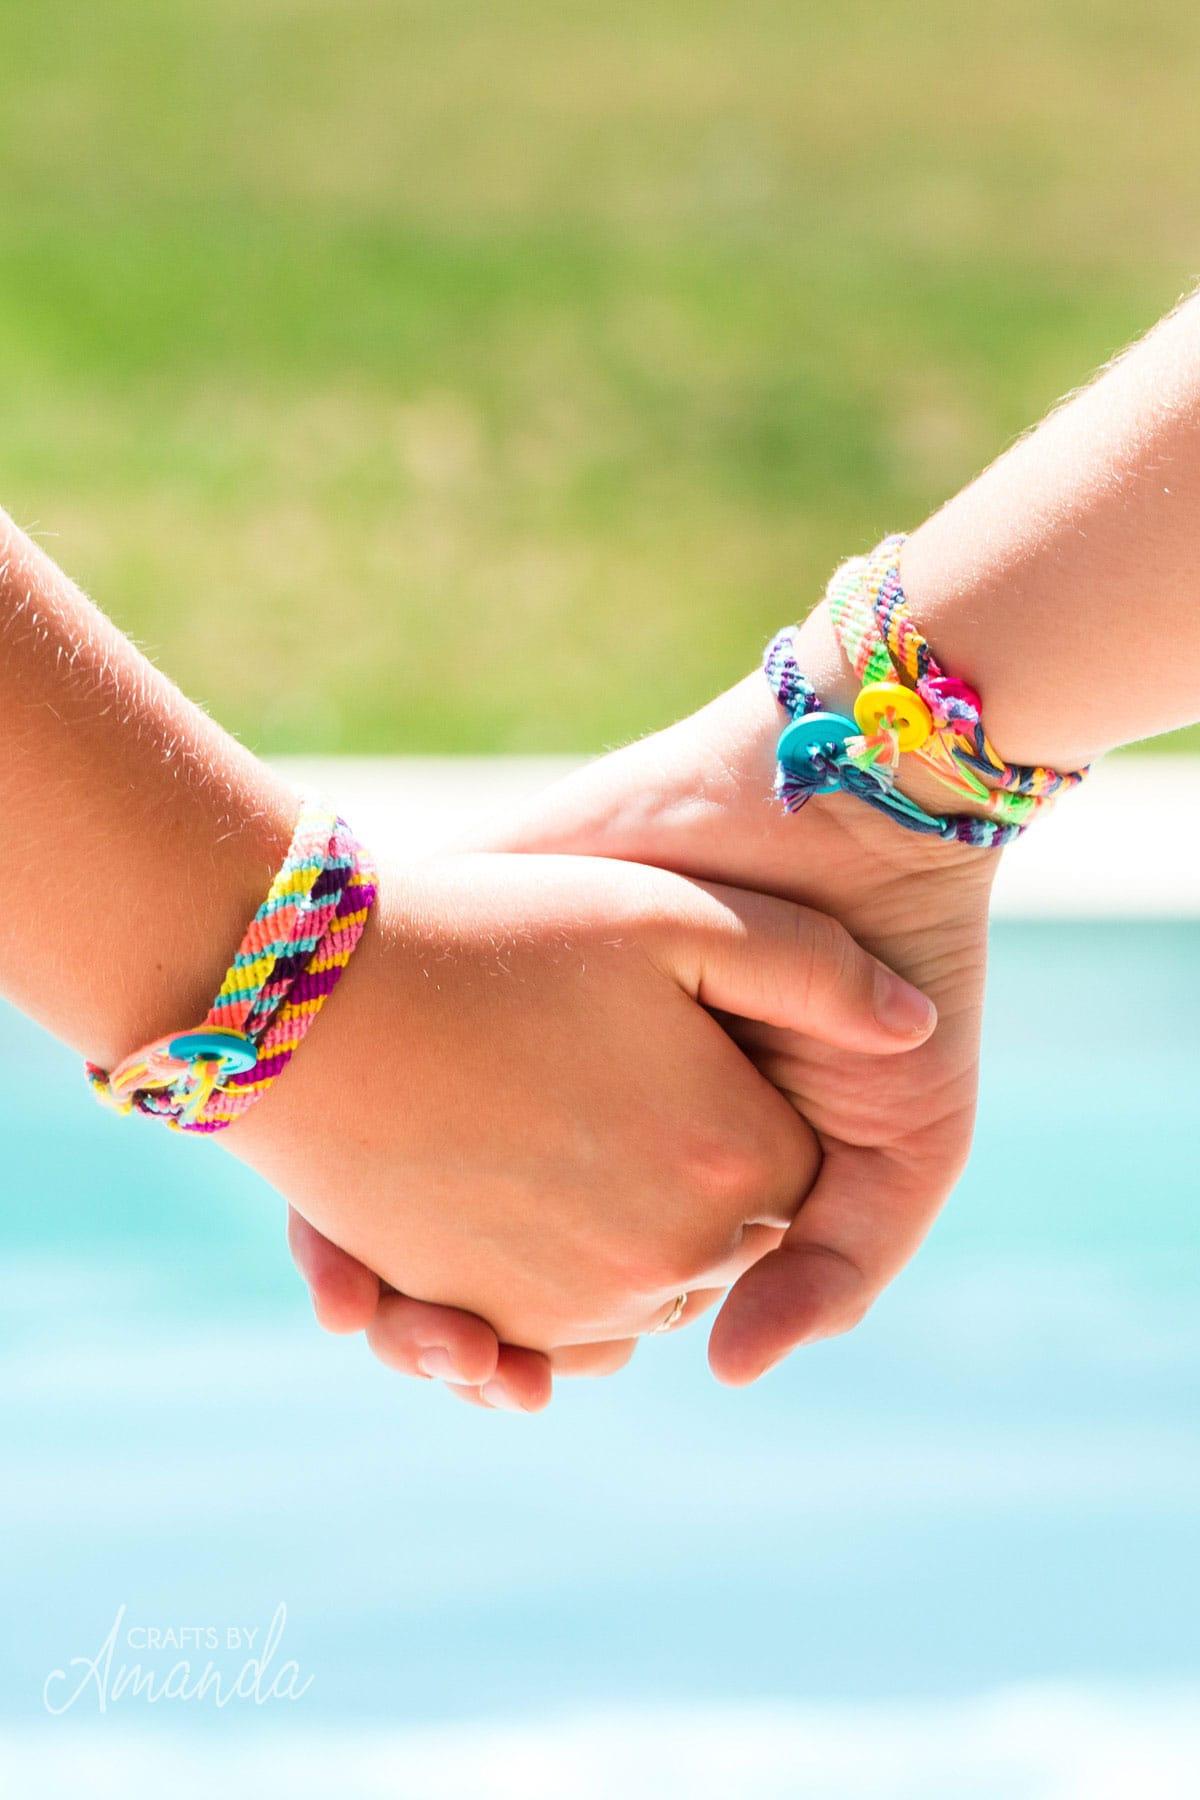 آموزش ساخت دستبند دوستی